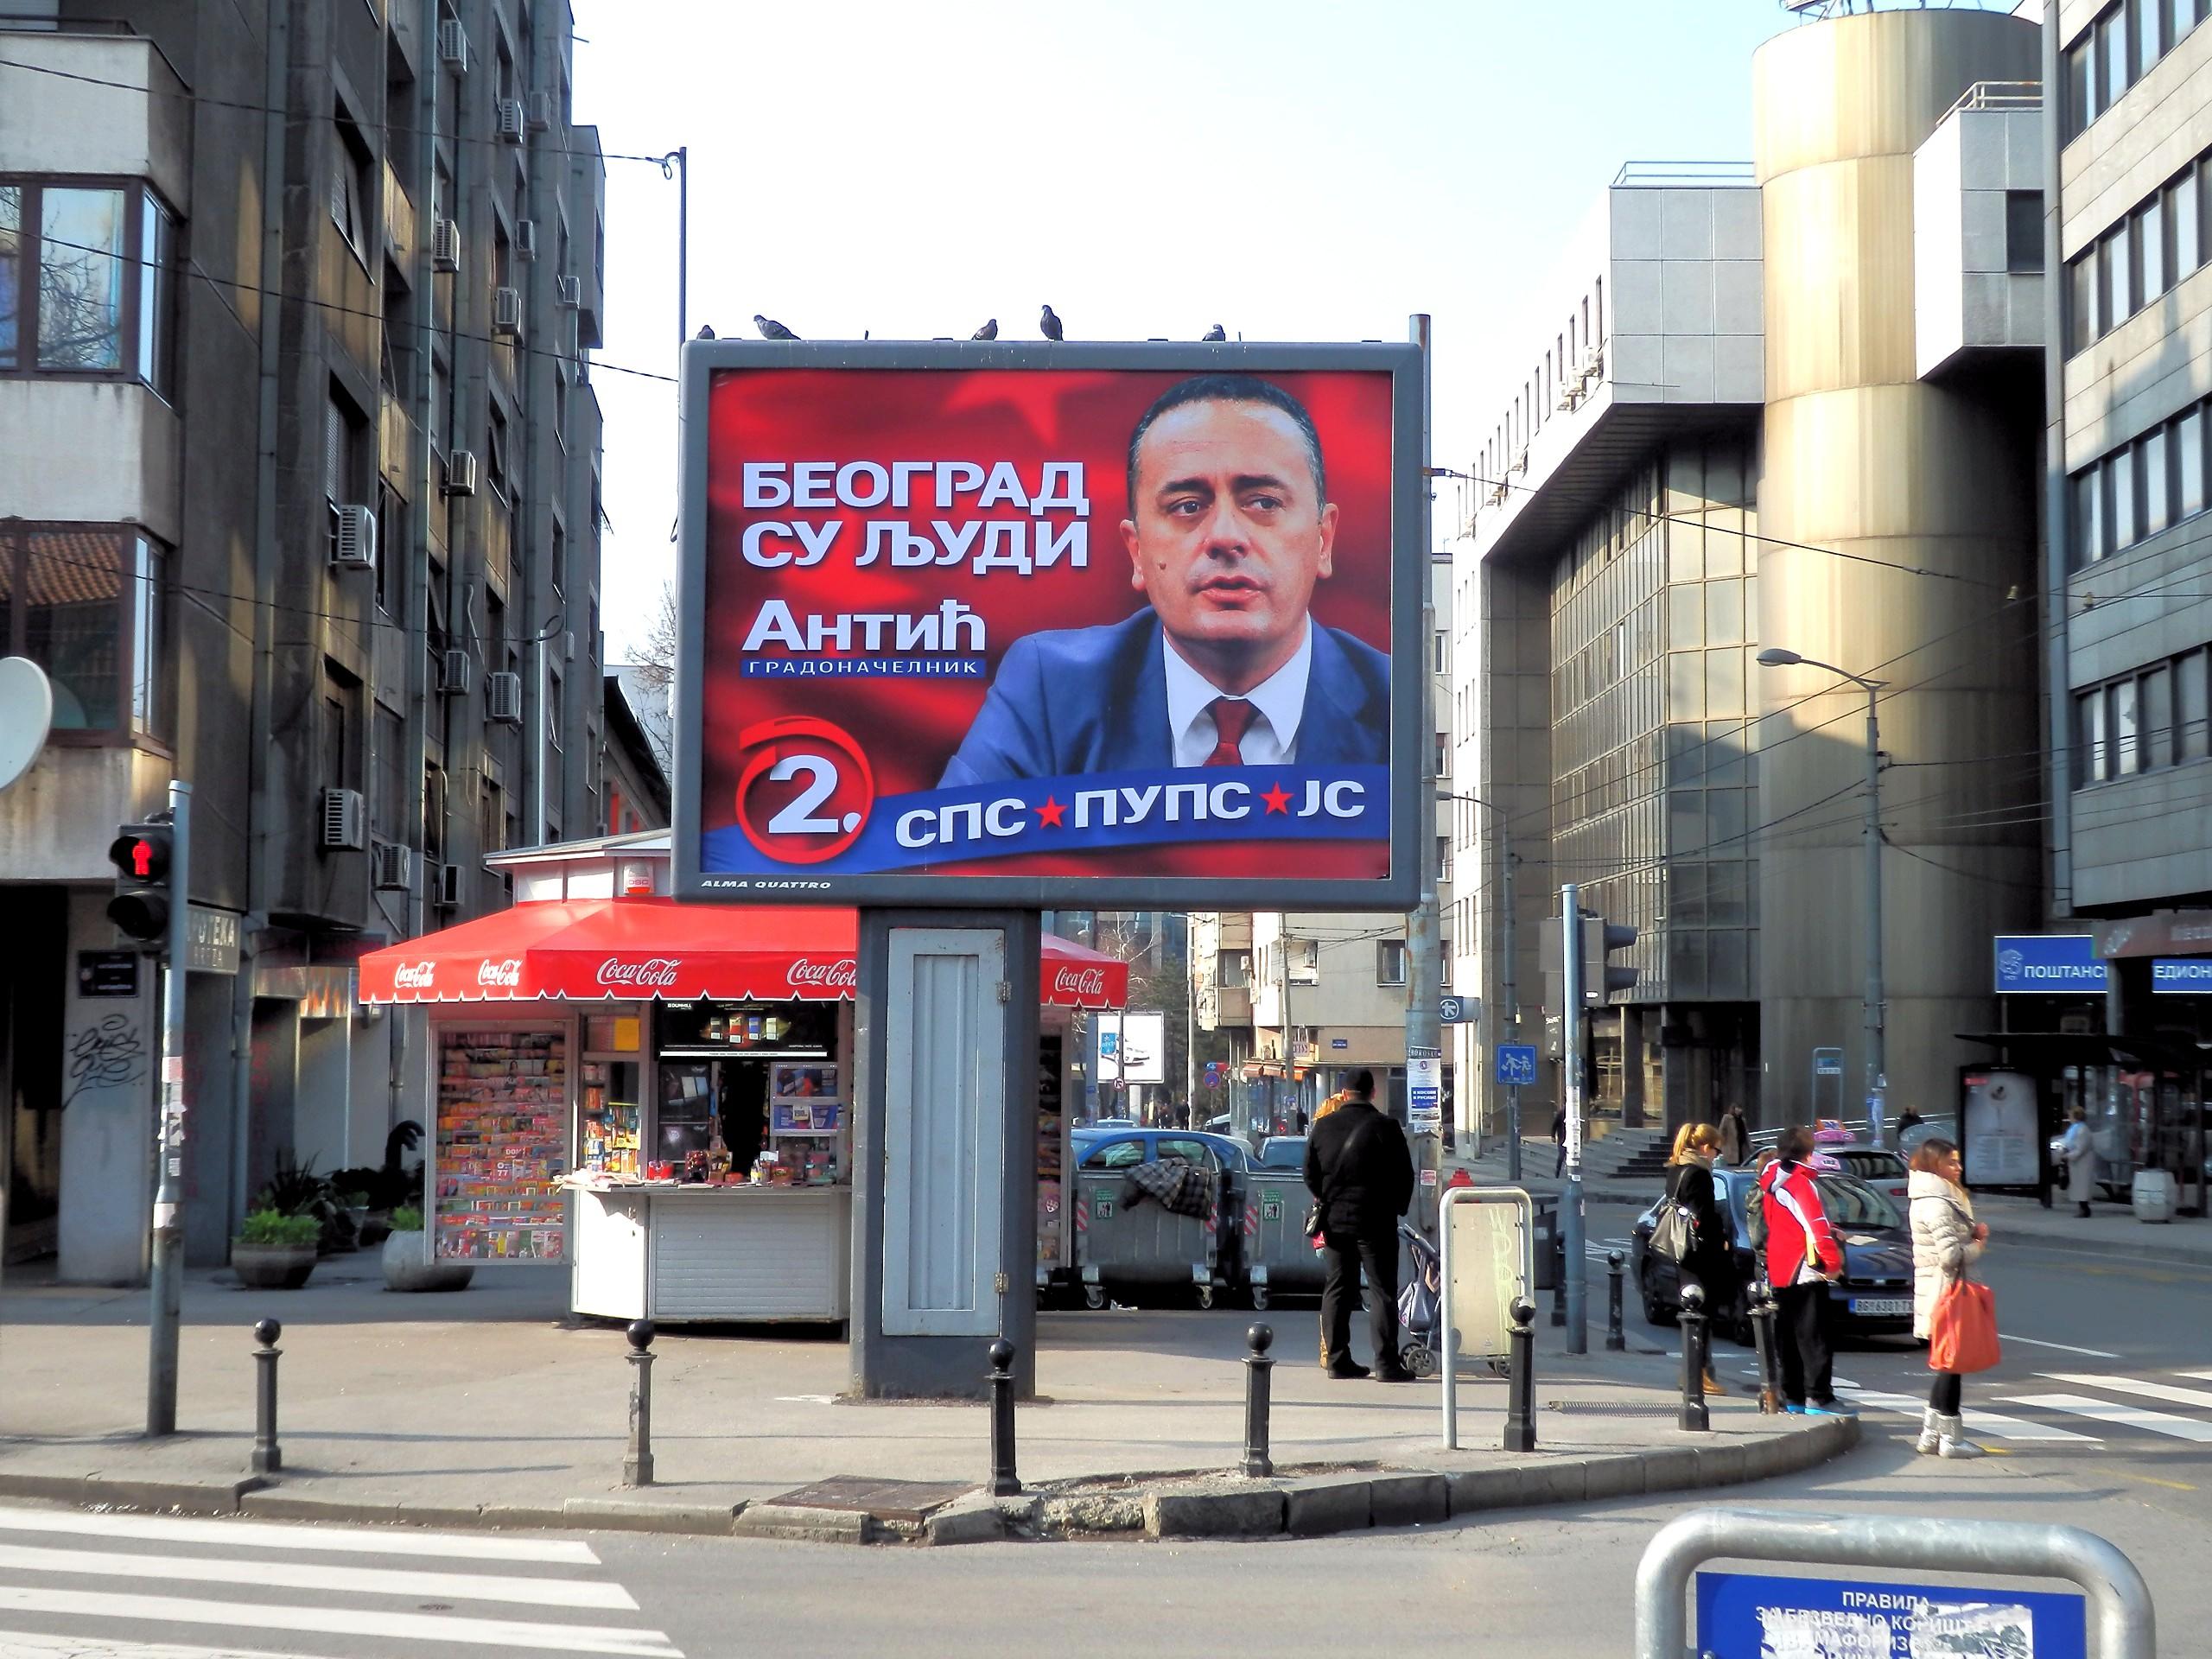 Izborni bilbord u Beogradu (foto F. Sicurella)